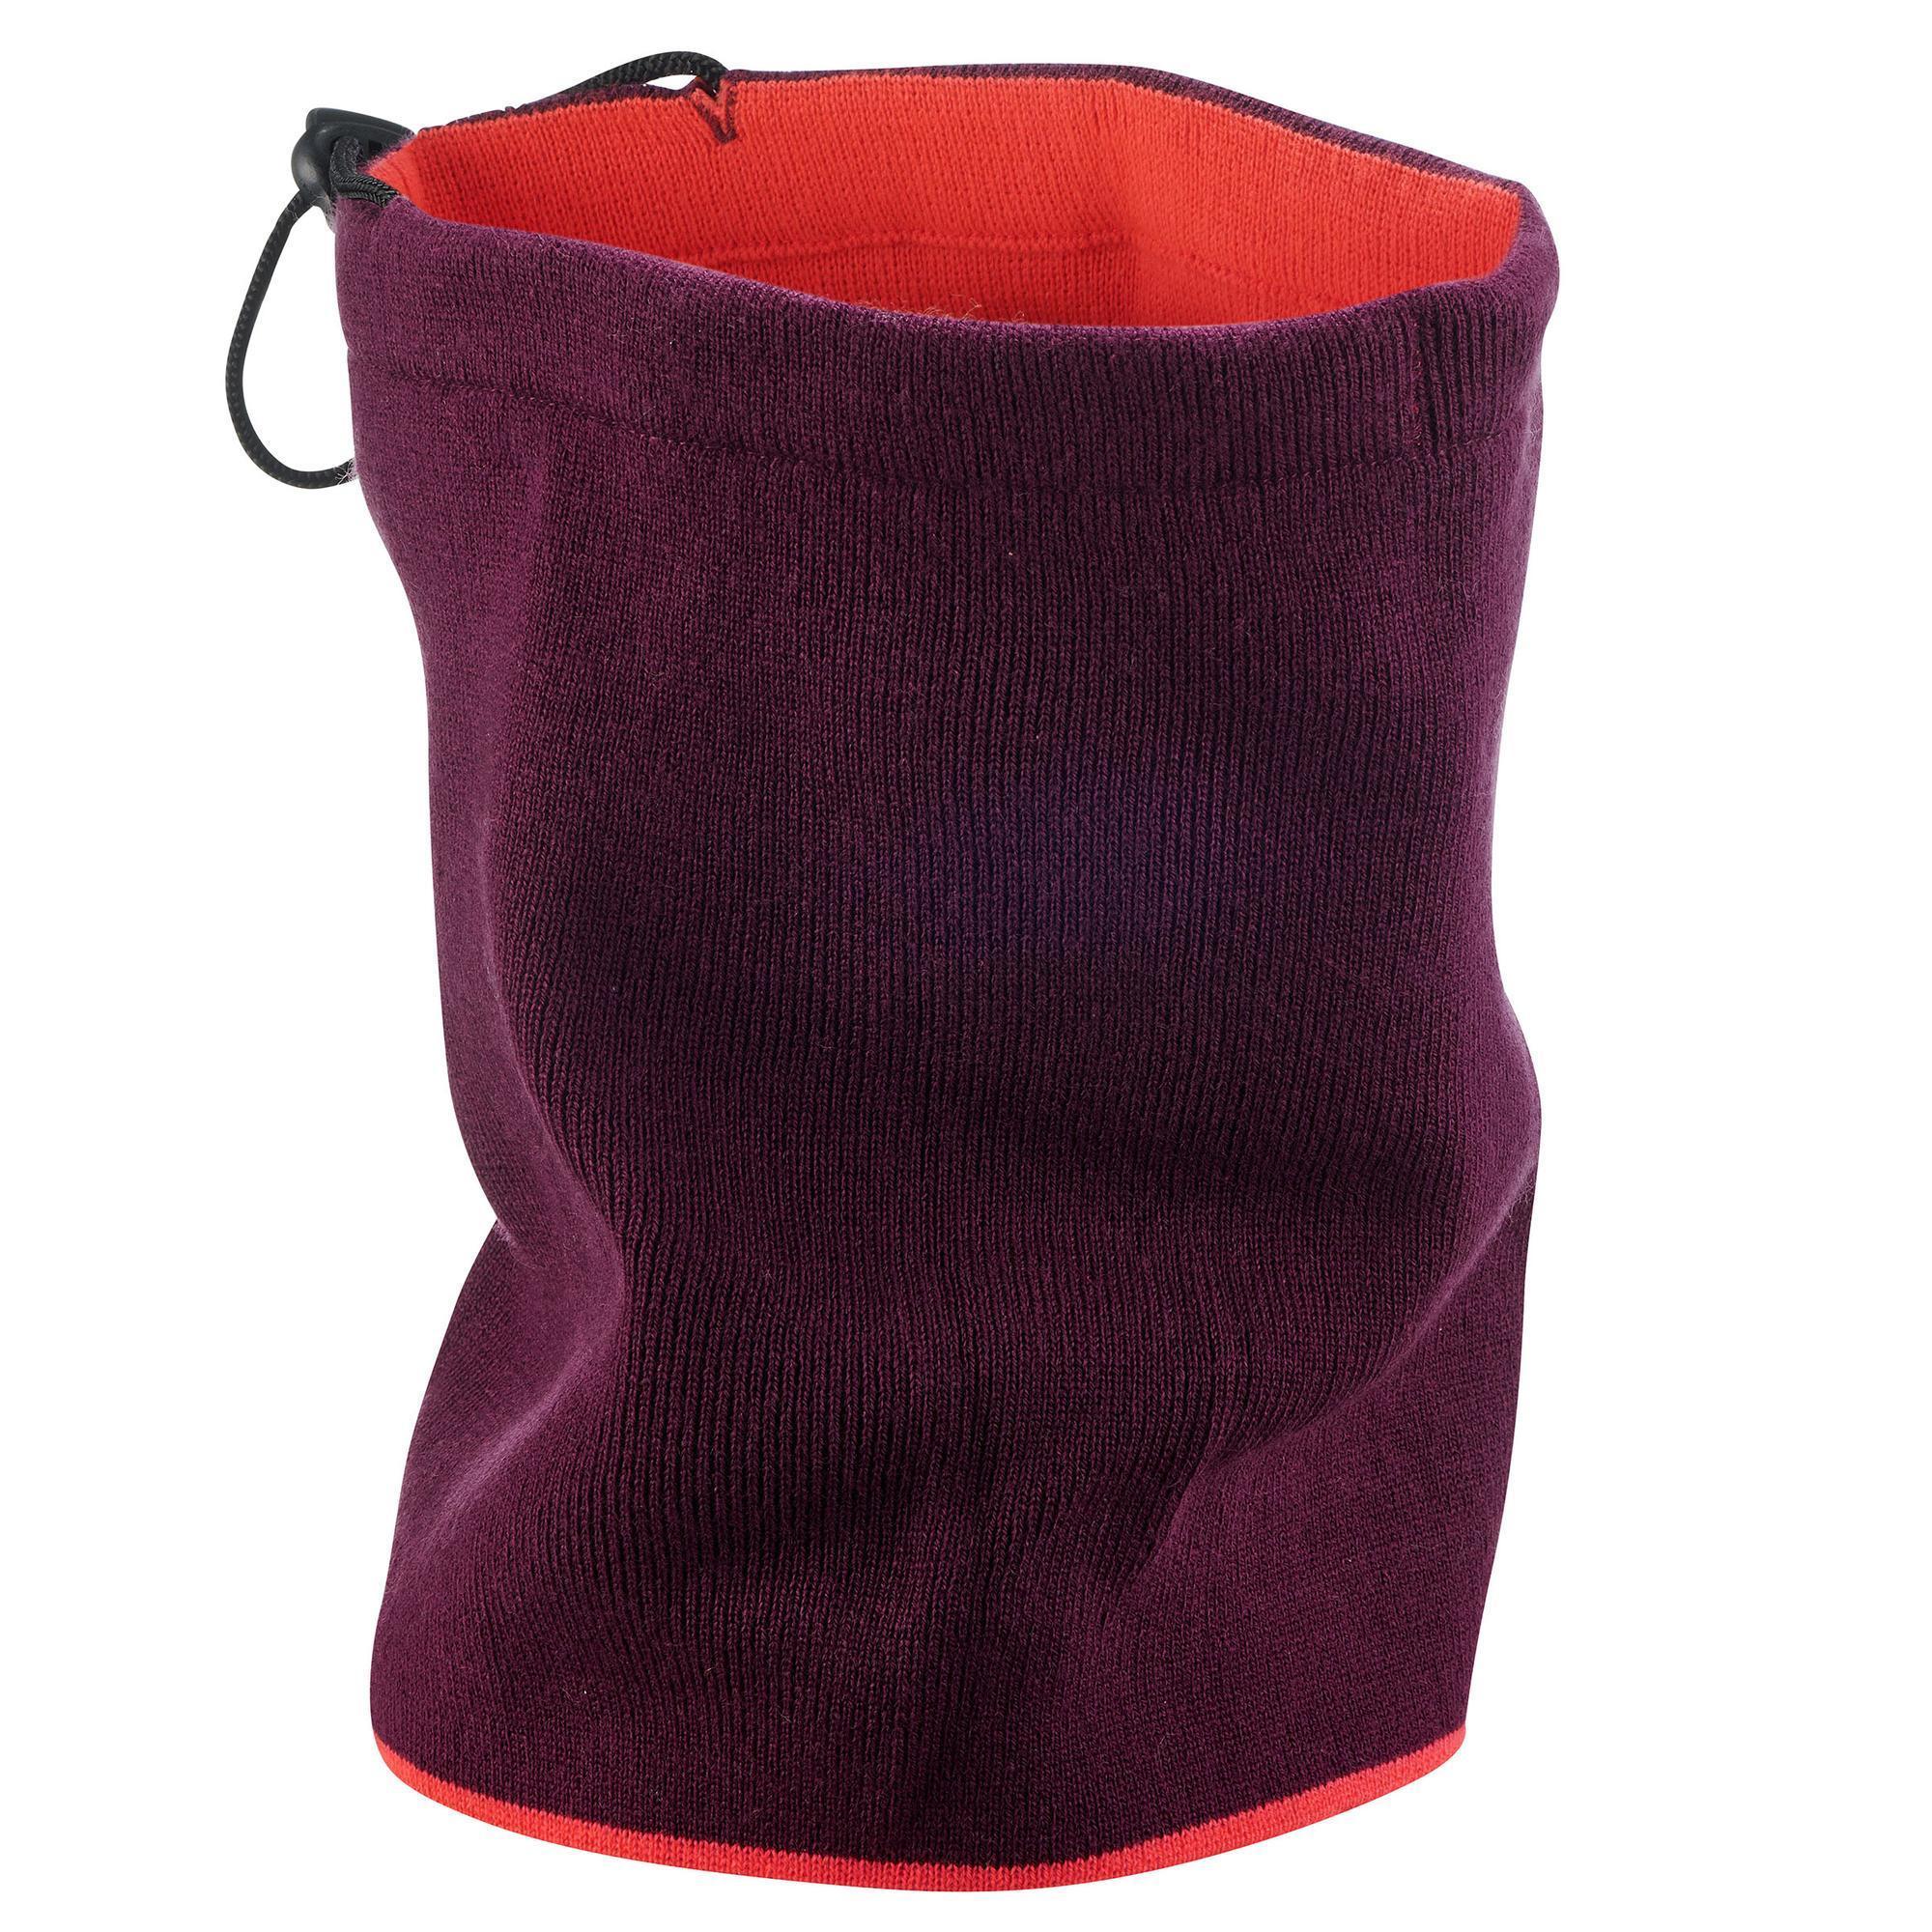 Schlauchschal Reverse Erwachsene rosa/violett   Accessoires > Schals & Tücher   Rosa   Wed´ze